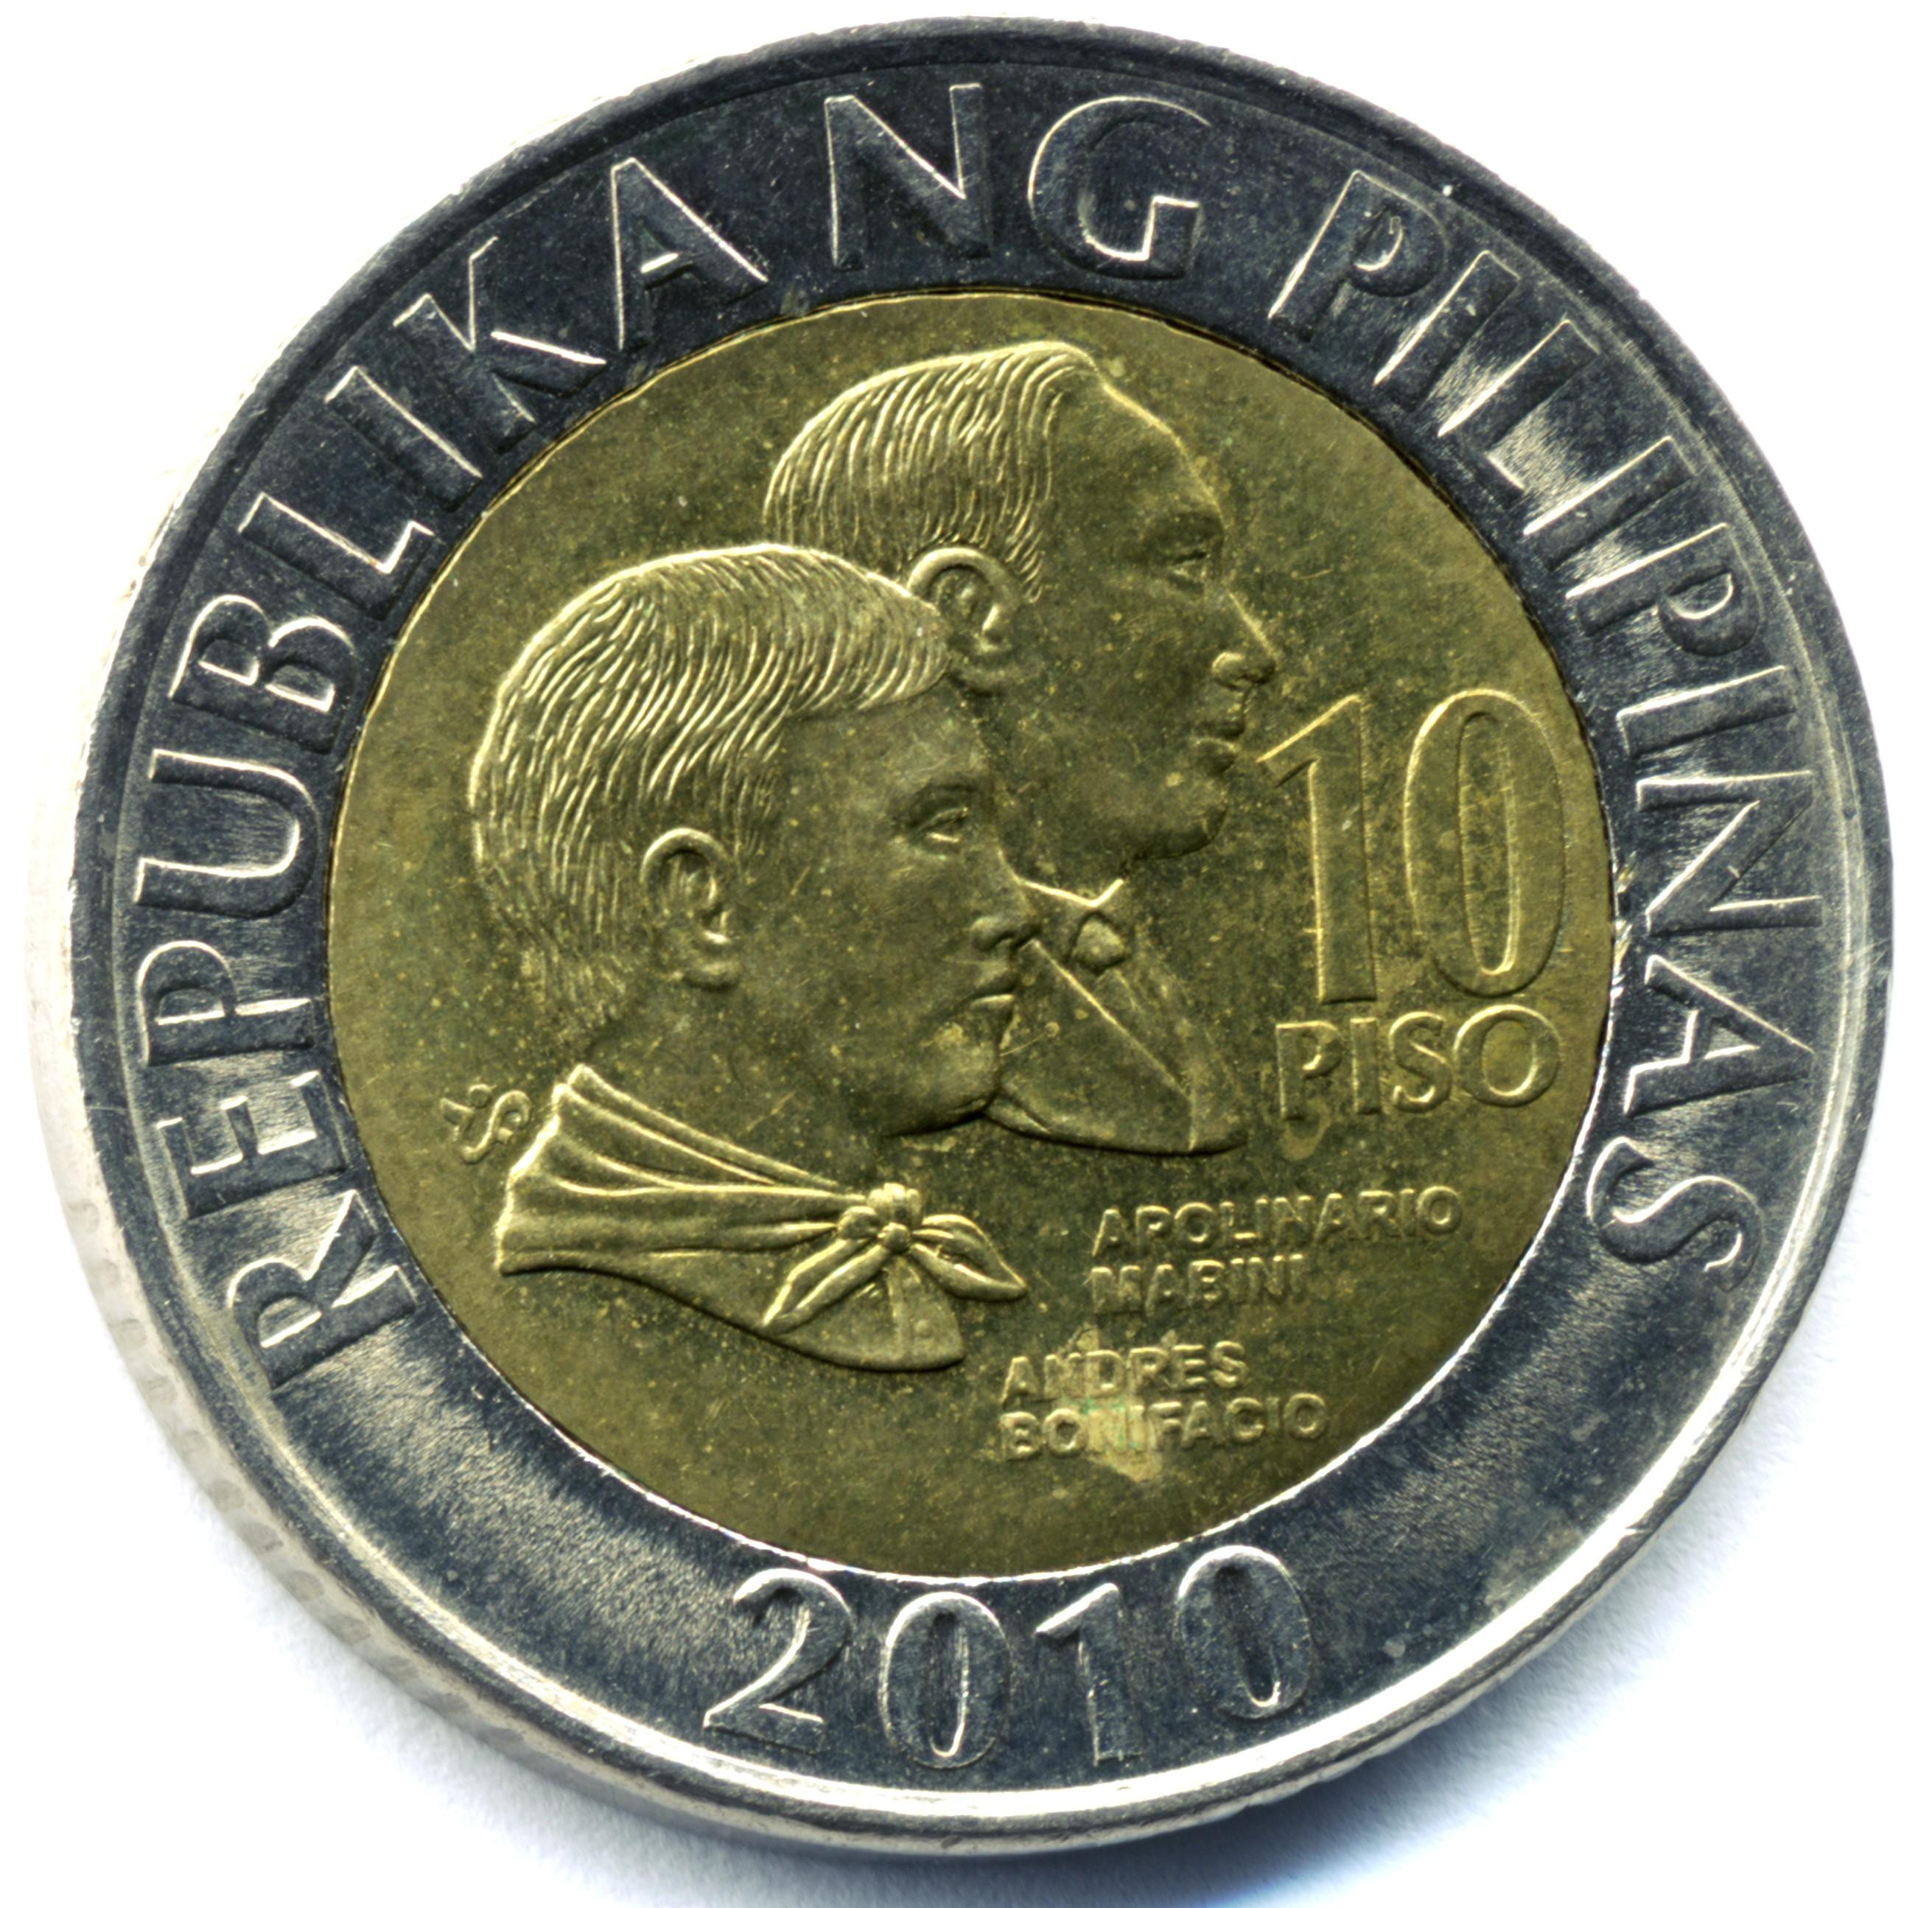 Philippine Ten Peso Coin